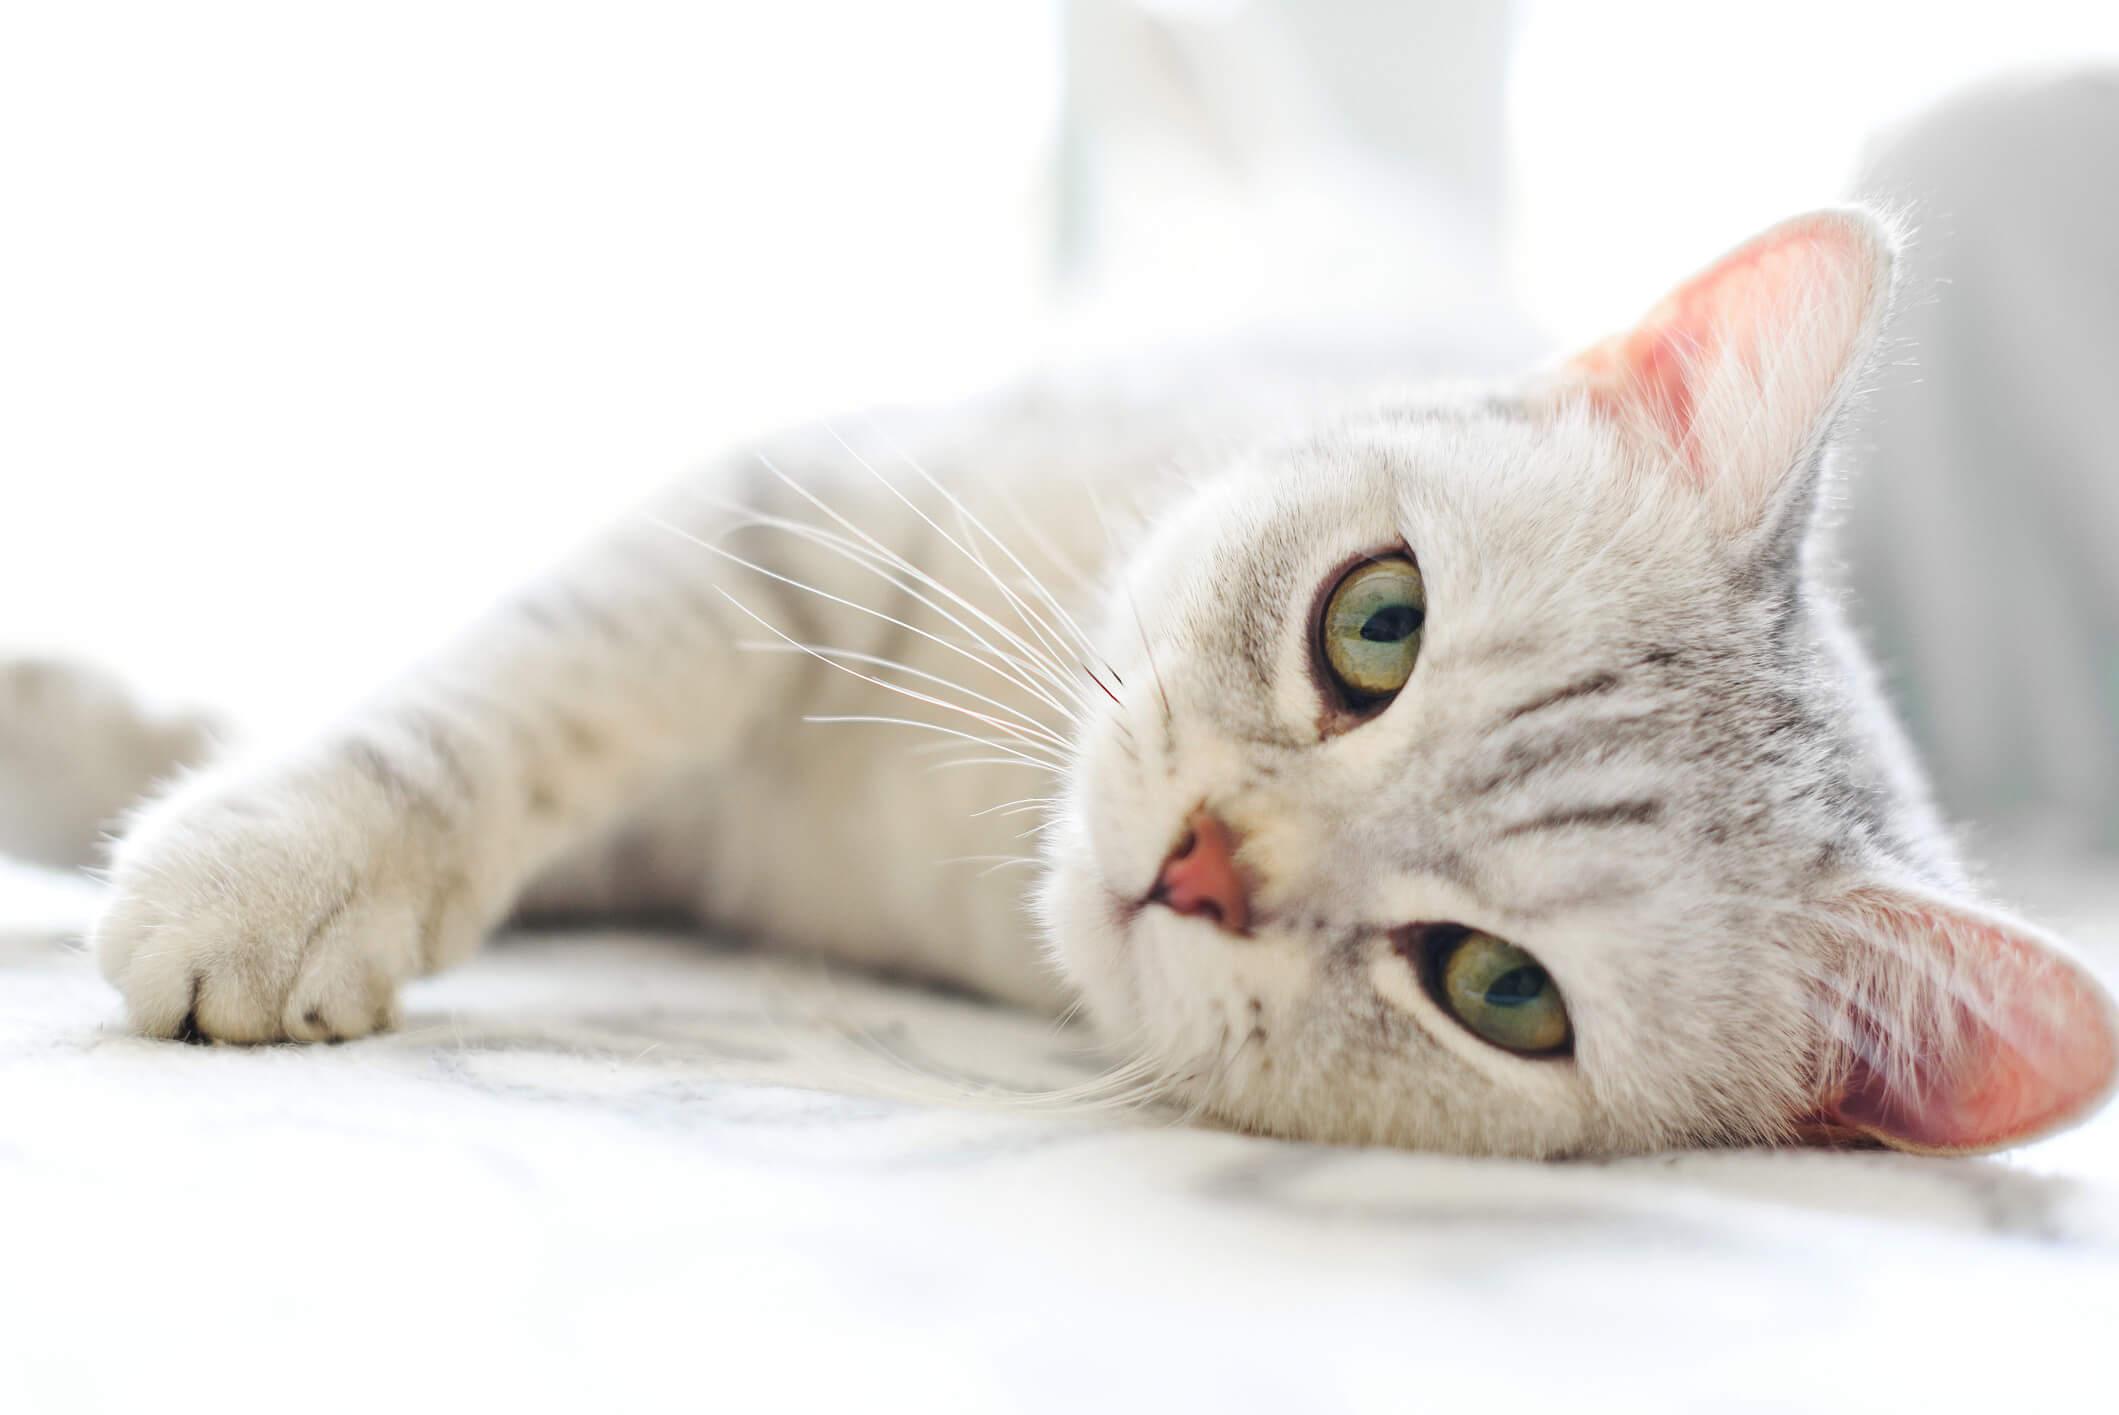 Simak! 3+ Cara Mengobati Kucing Demam dengan Cepat